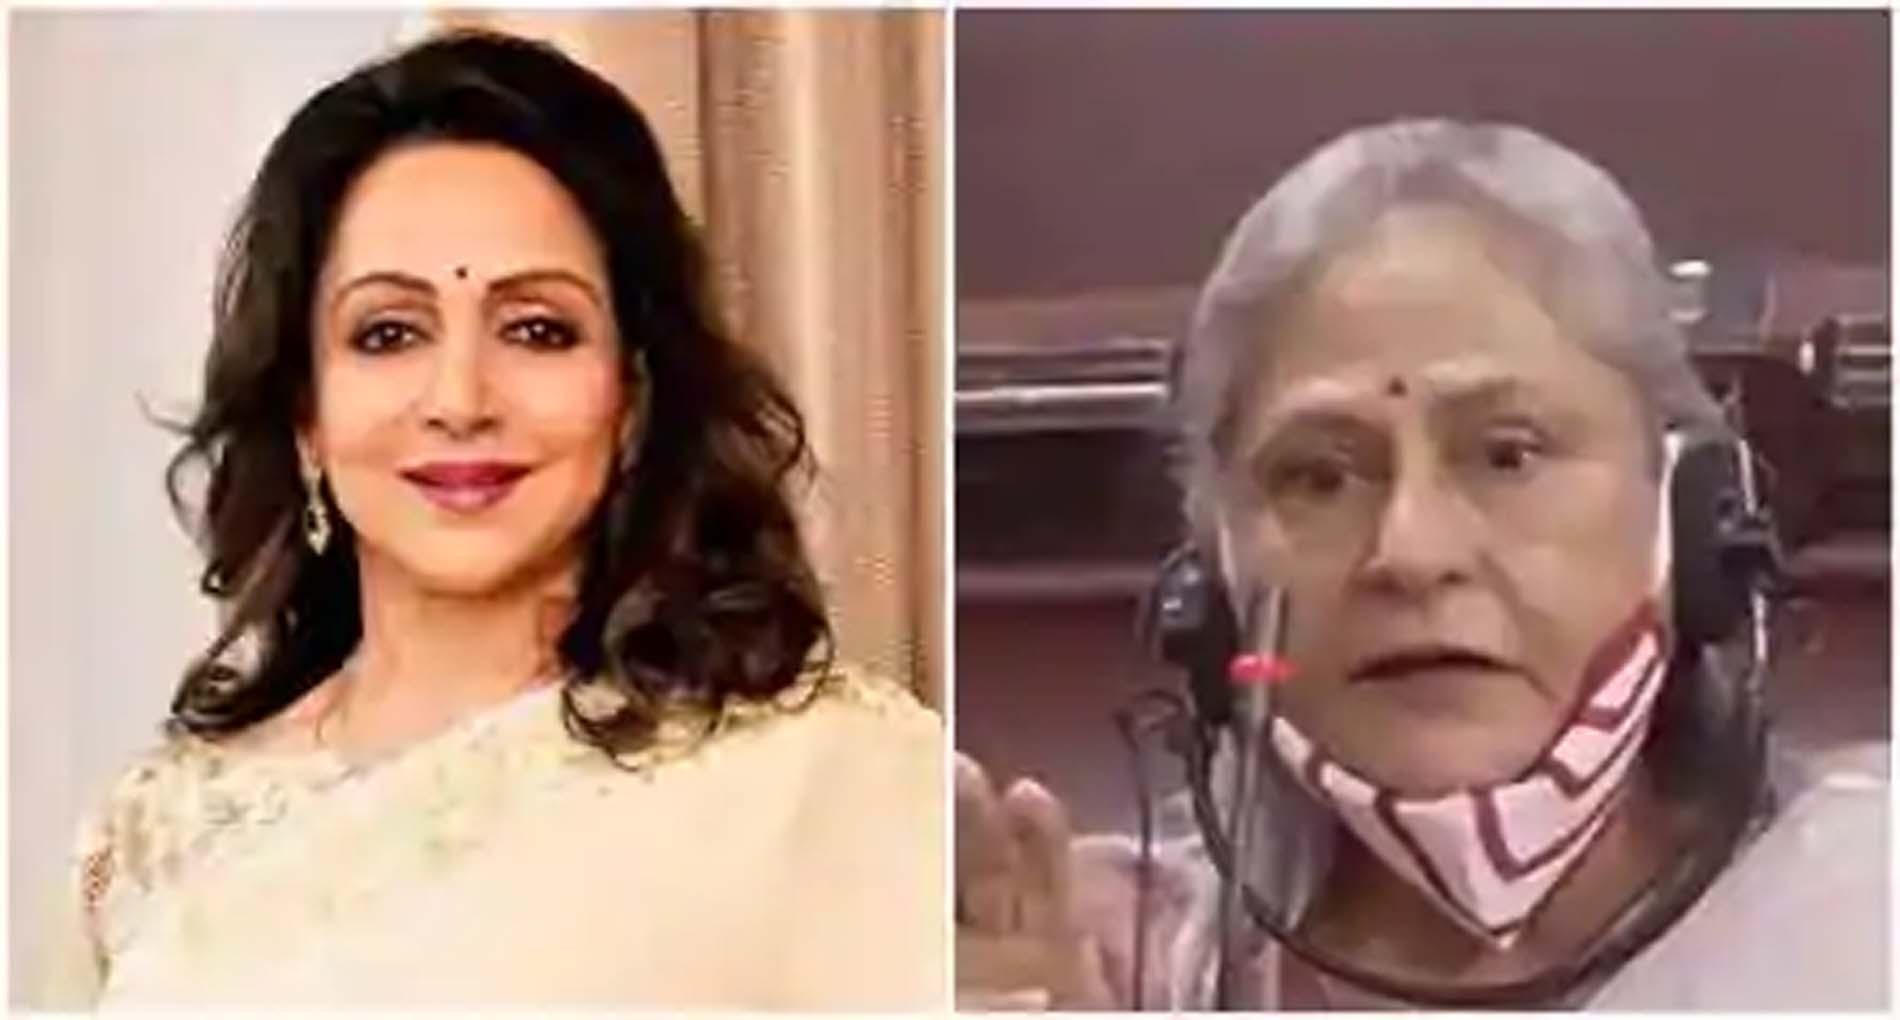 जया बच्चन के सपोर्ट में आईं हेमा मालिनी, कहा- पूरी इंडस्ट्री को निशाना बनाना गलत